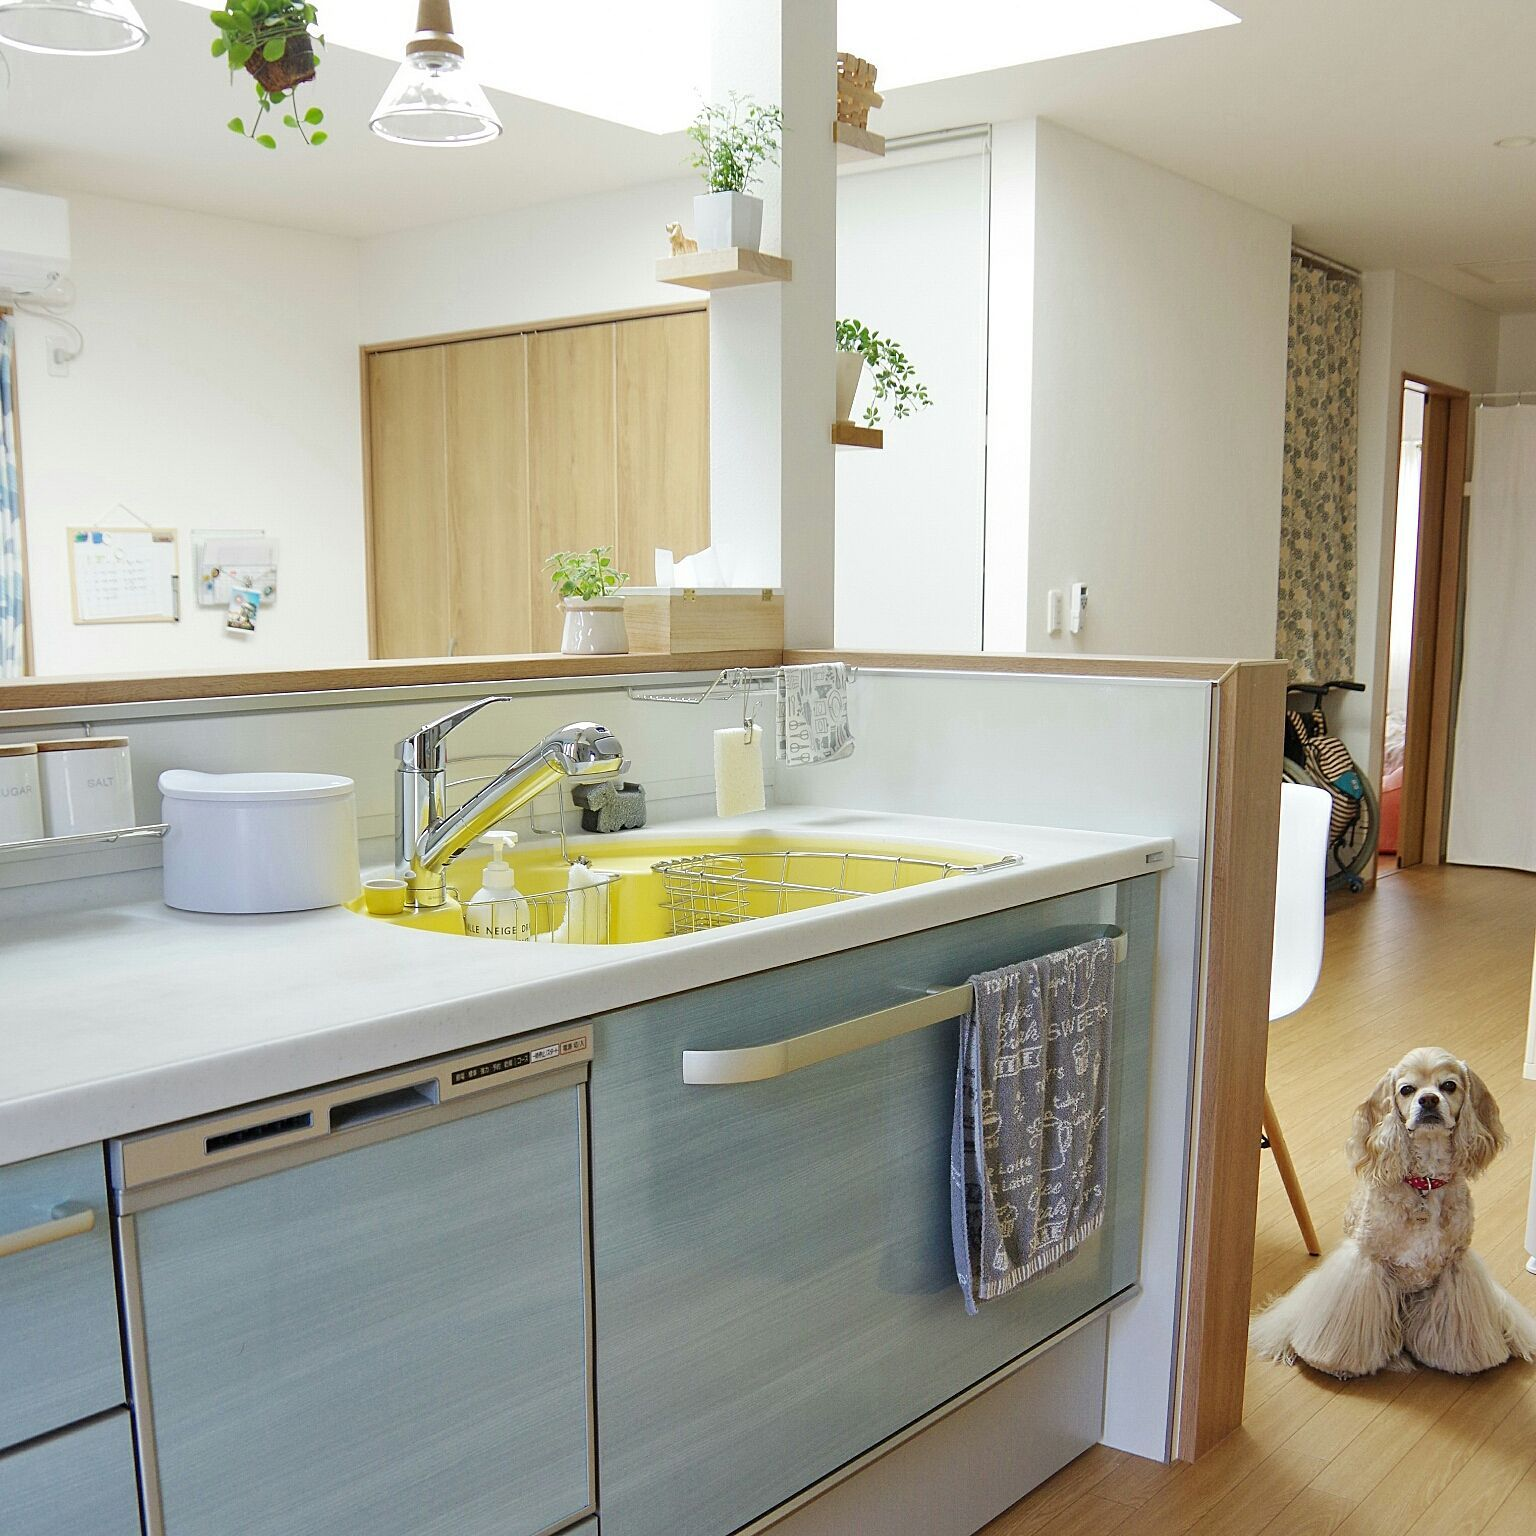 キッチン 平屋 犬と暮らす アメリカンコッカースパニエル トクラス Bb